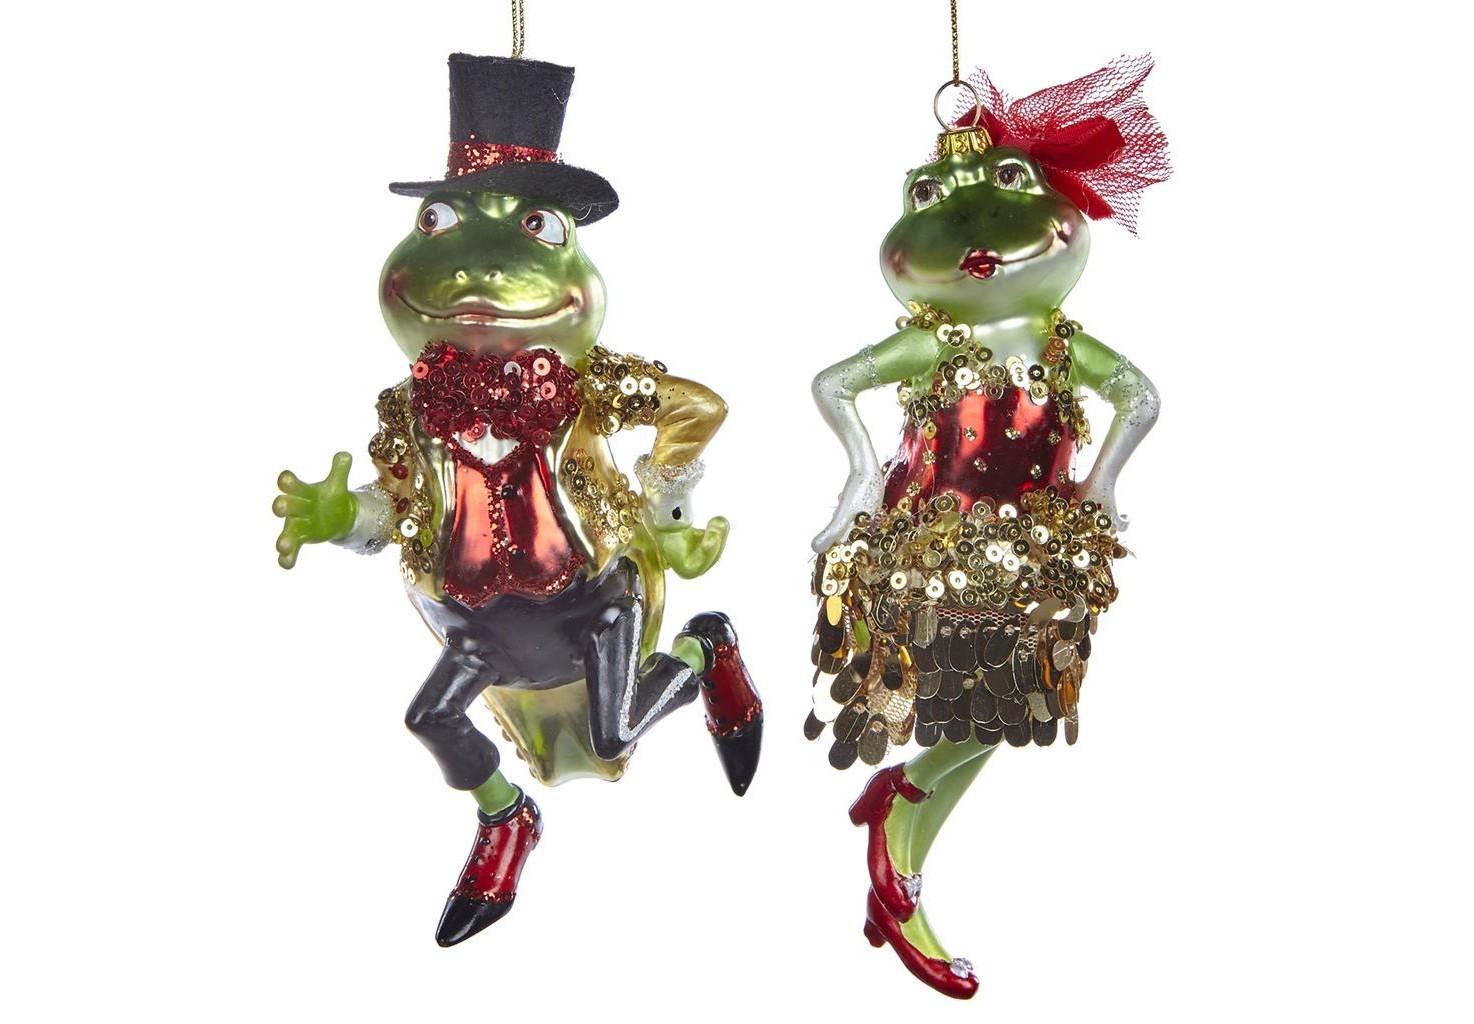 Набор ёлочных игрушек Танцующие Лягушки (2шт)Новогодние игрушки<br>коллекционные игрушки ручной работы<br><br>Material: Стекло<br>Width см: 8<br>Depth см: 6<br>Height см: 15